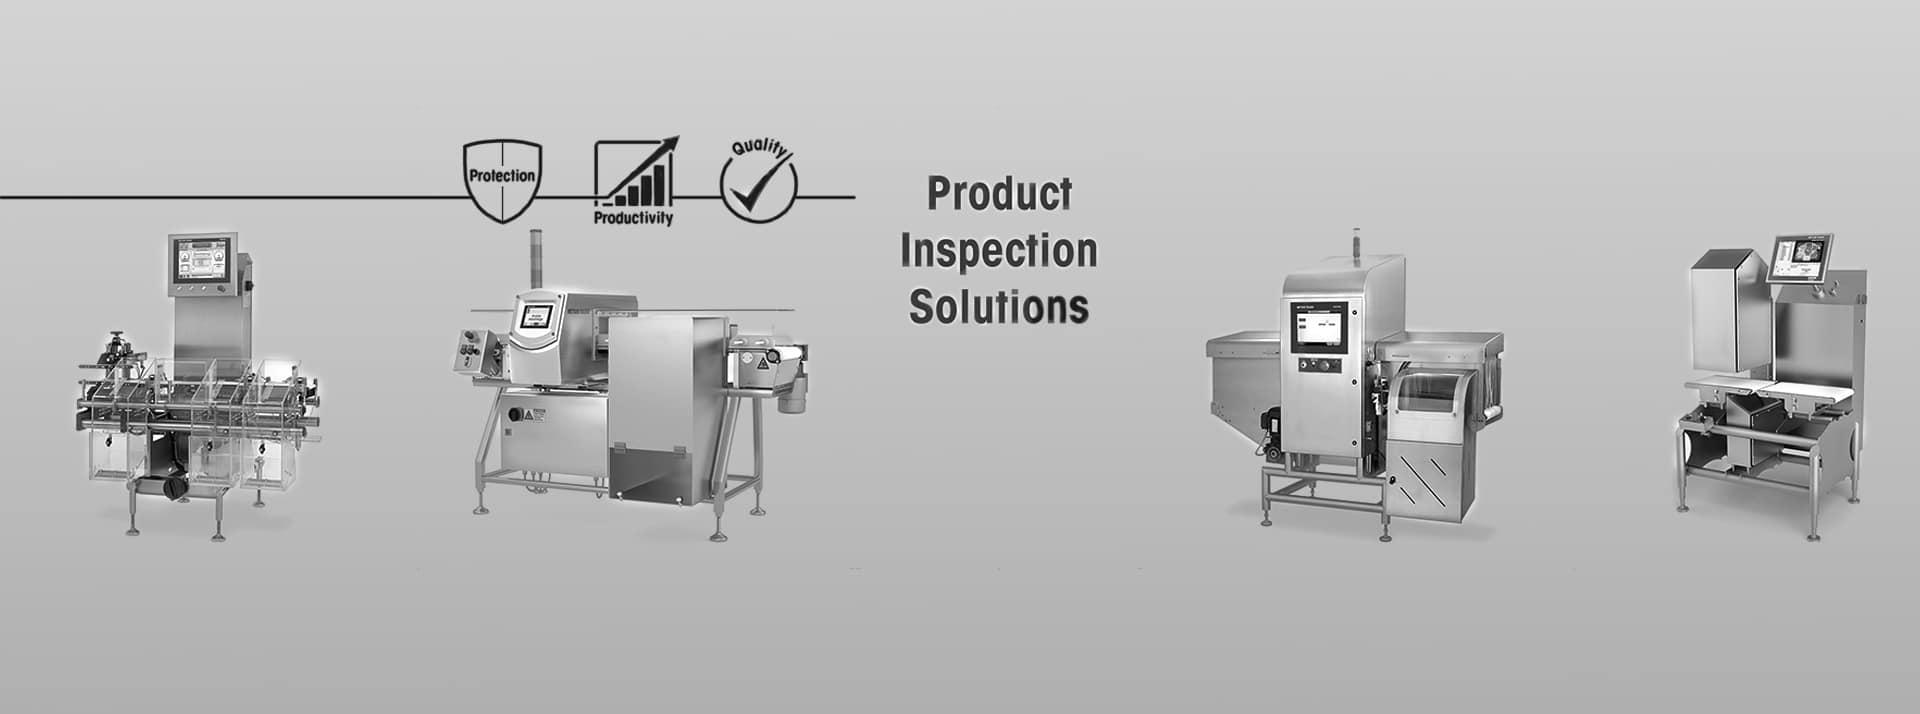 نظام فحص Mettler Toledo ، نظام فحص المنتج ، جهاز الكشف عن المعادن ، نظام الفحص بأشعة X-ray ، جهاز تدقيق الوزن